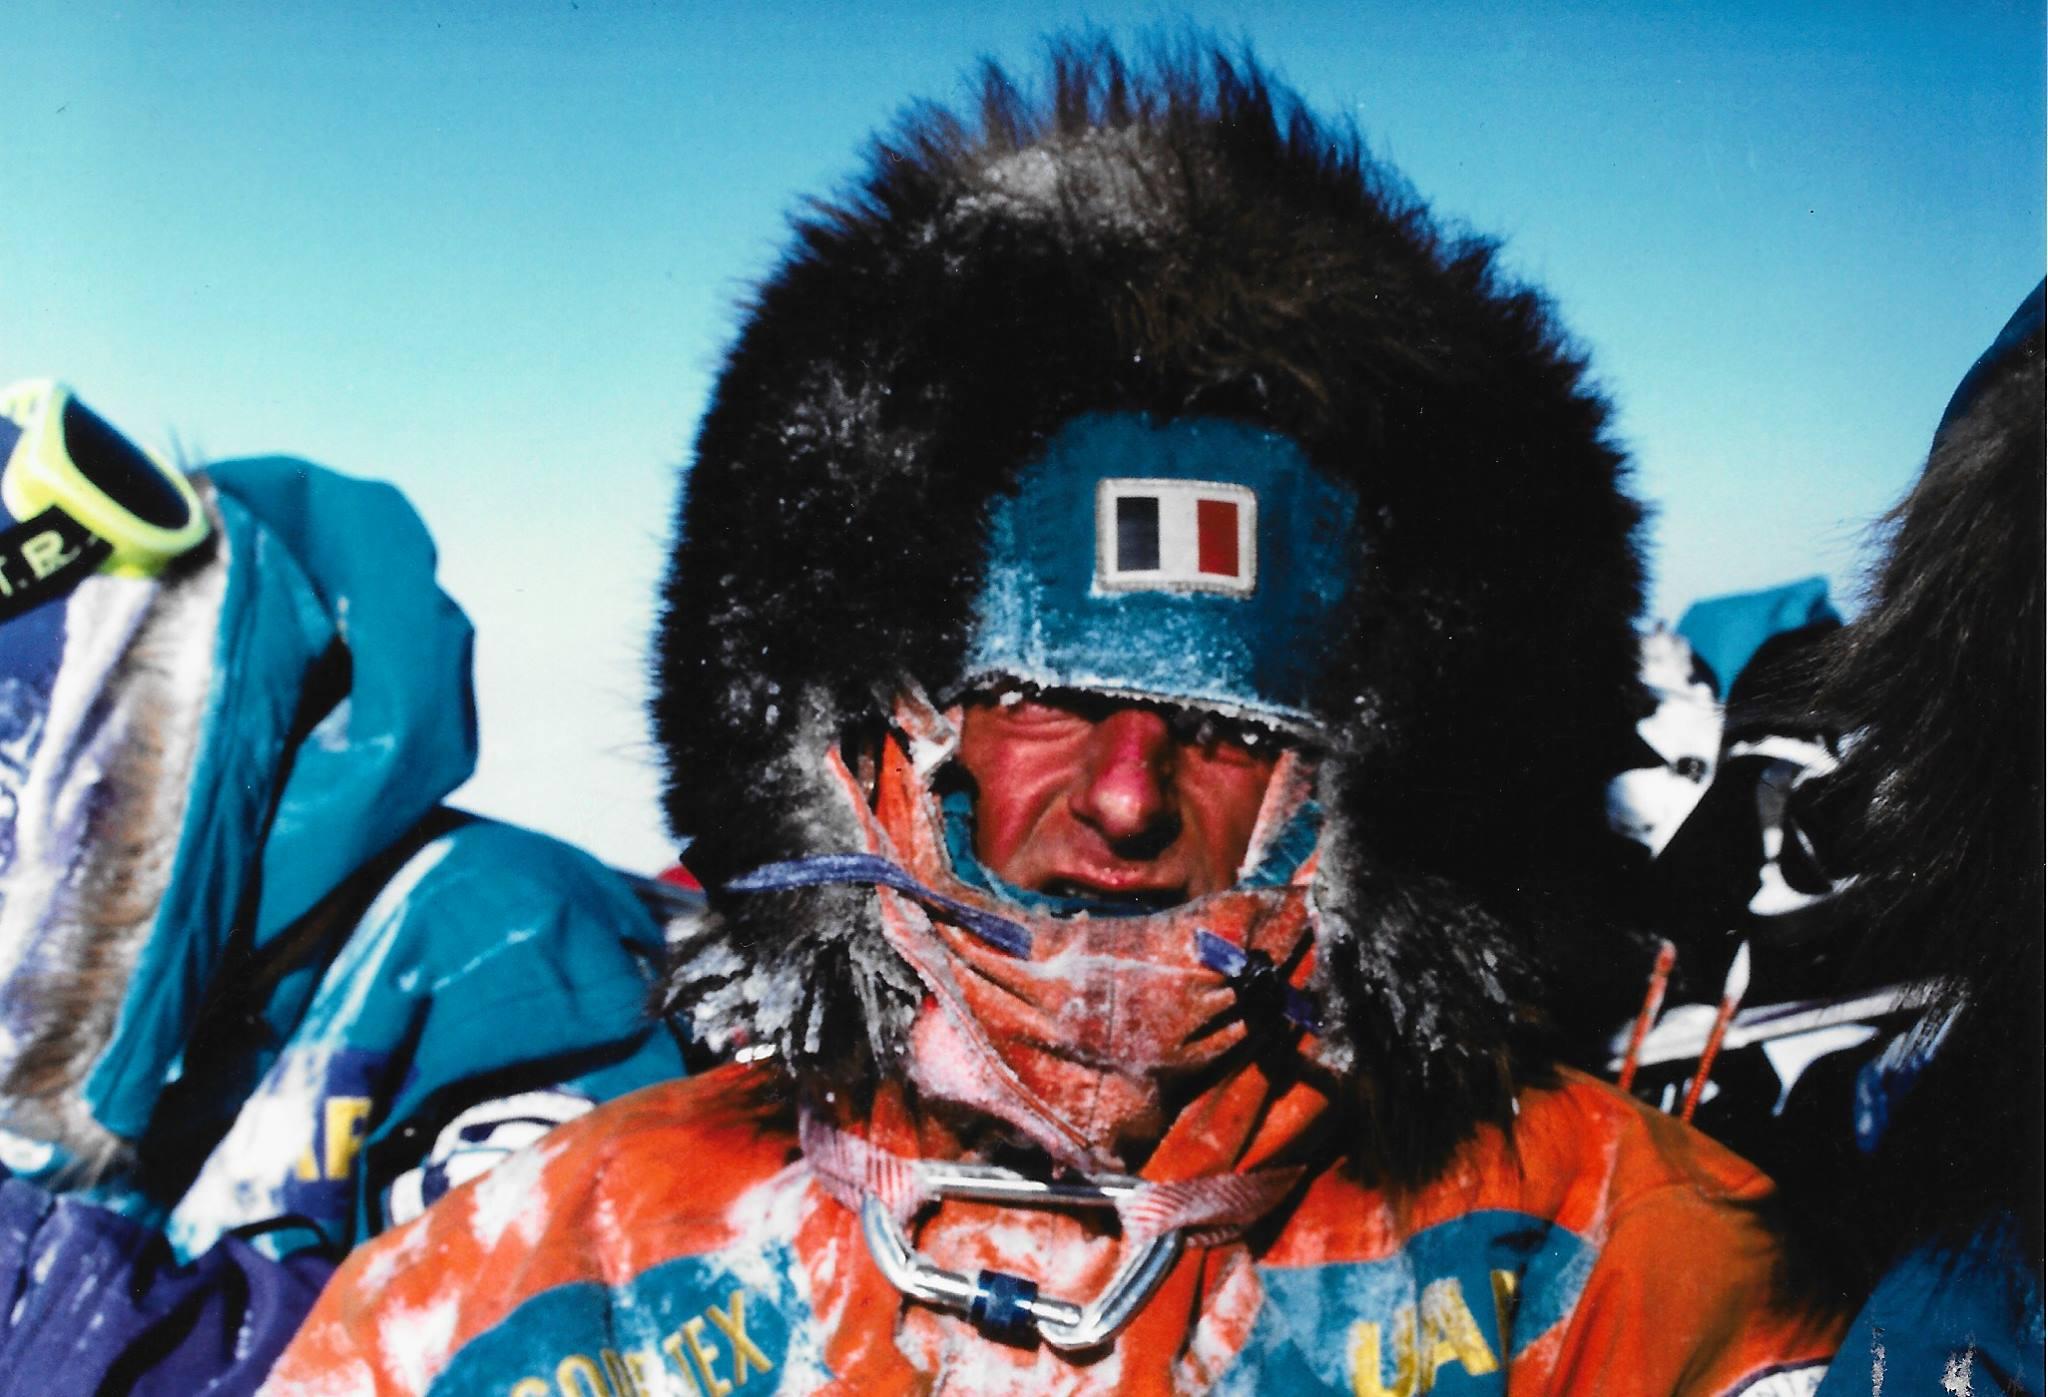 Lean-Louis Etienne on the Trans-Antarctica trail. Photo: Laurent Chevalier